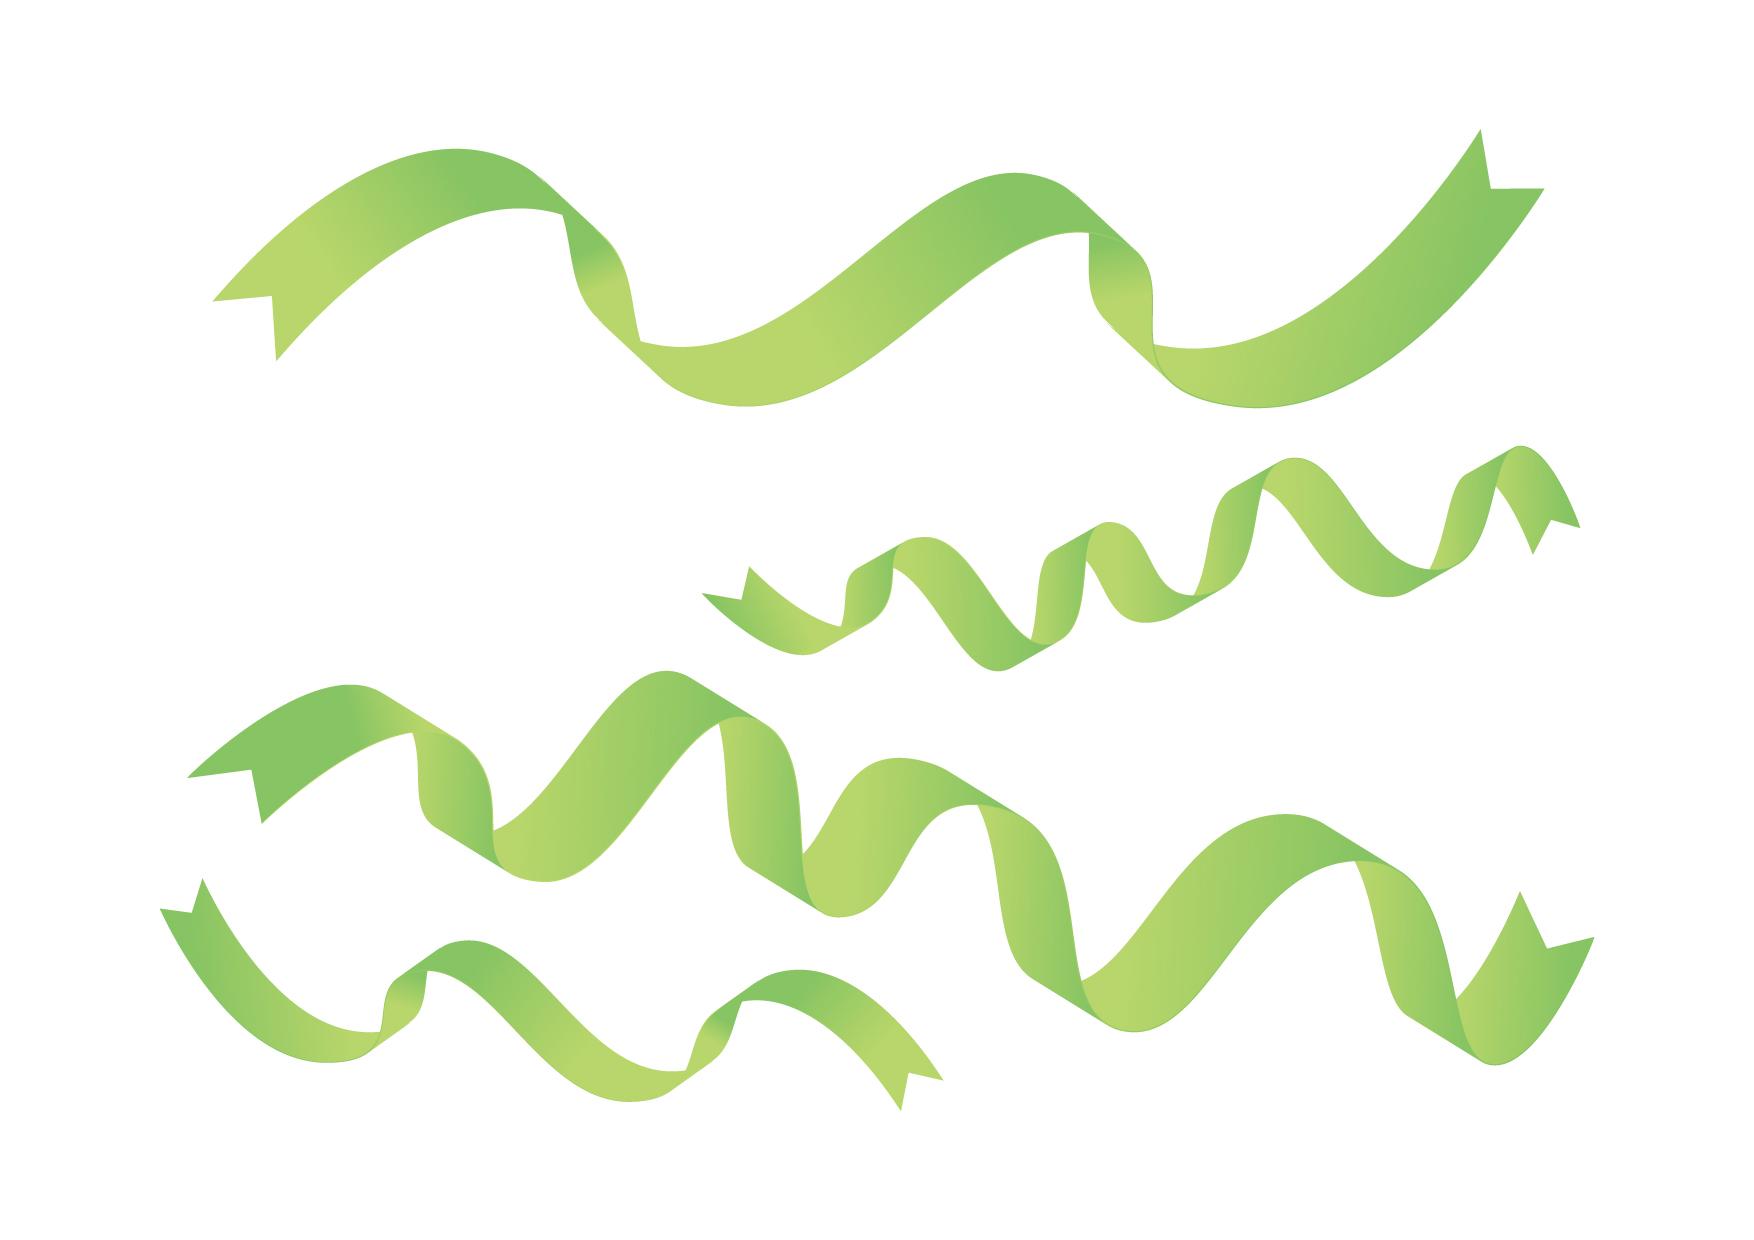 リボン ひらひら 緑色 イラスト 無料